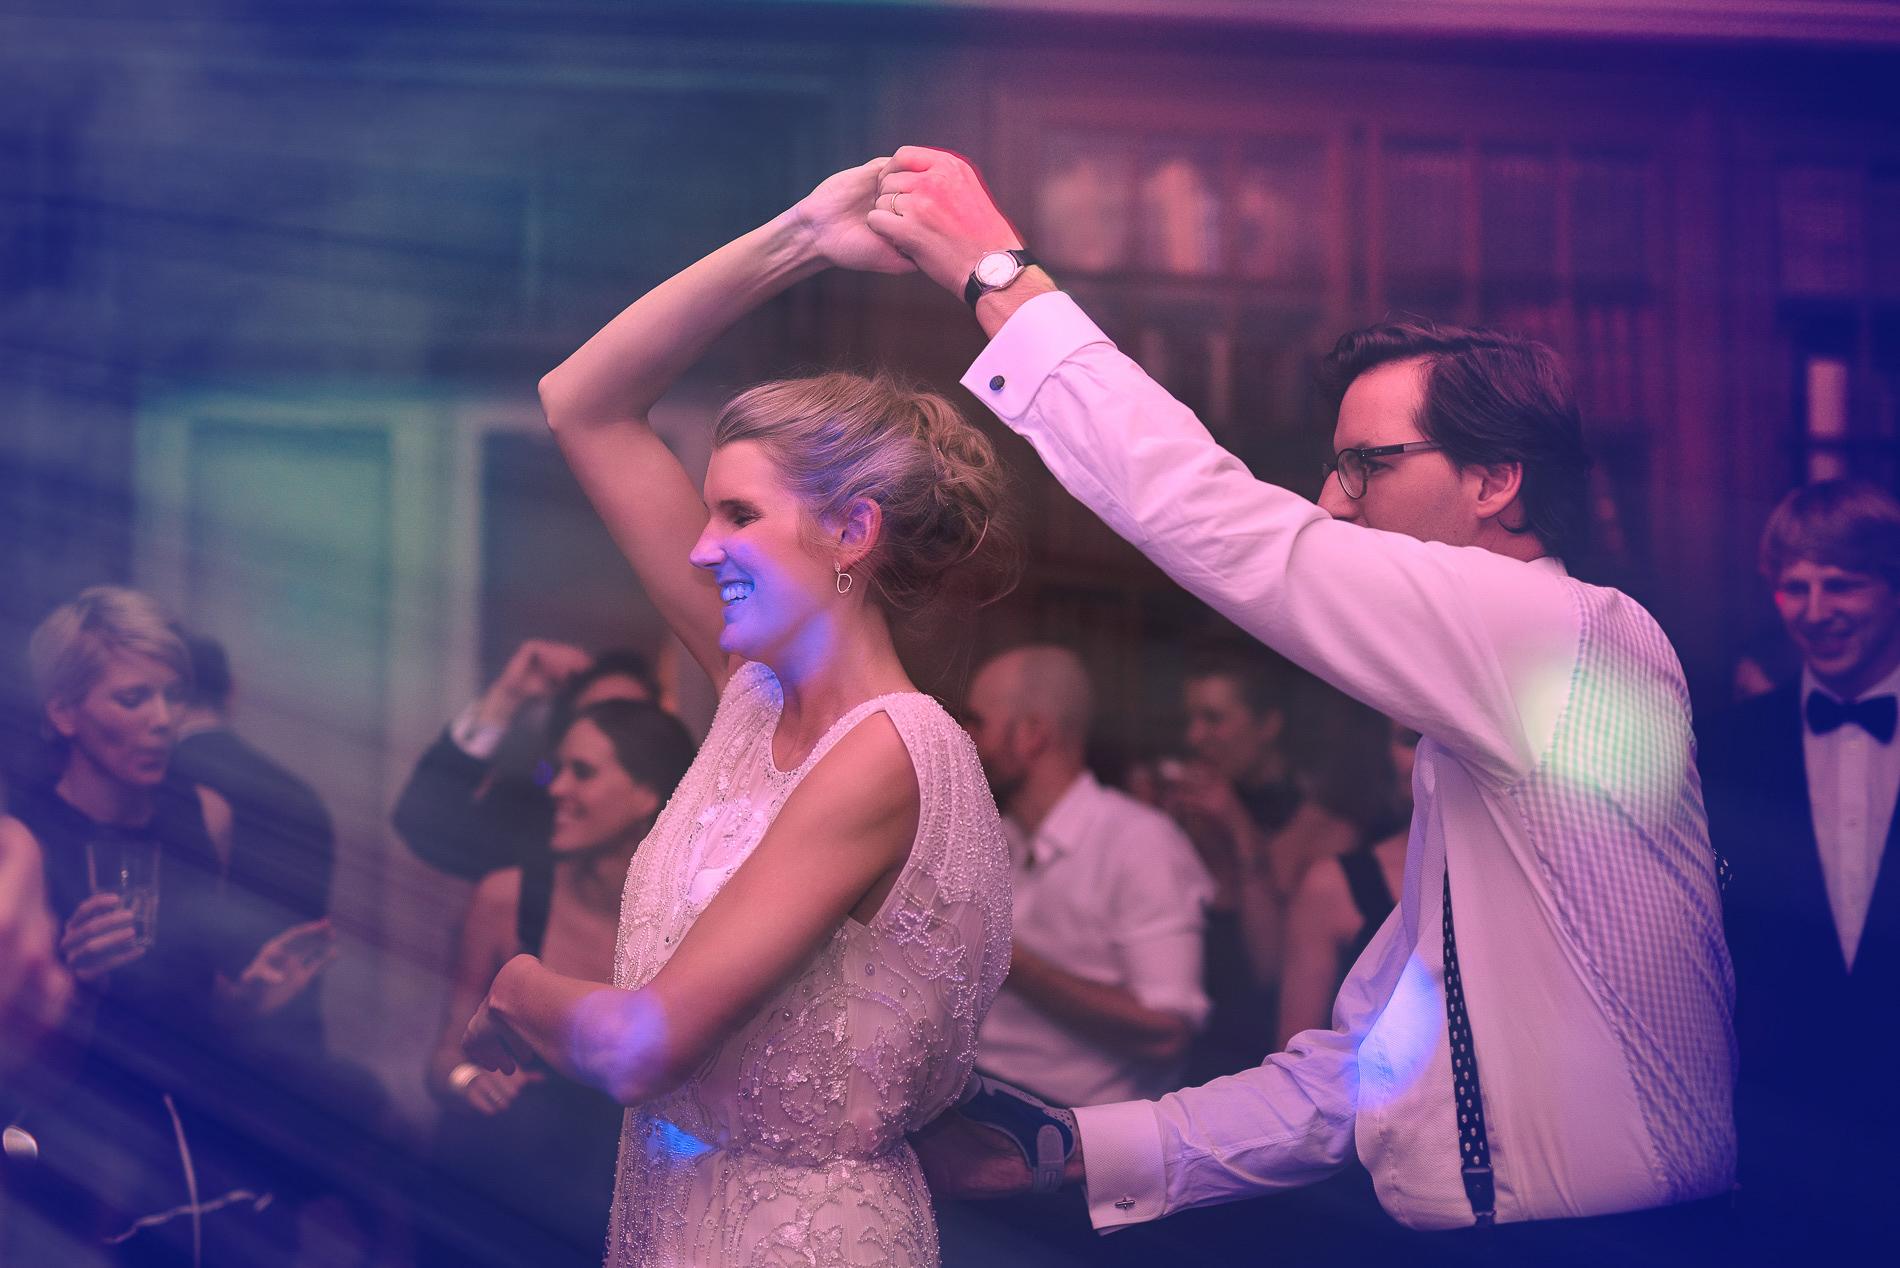 svatební fotograf - svatba v Rakousku